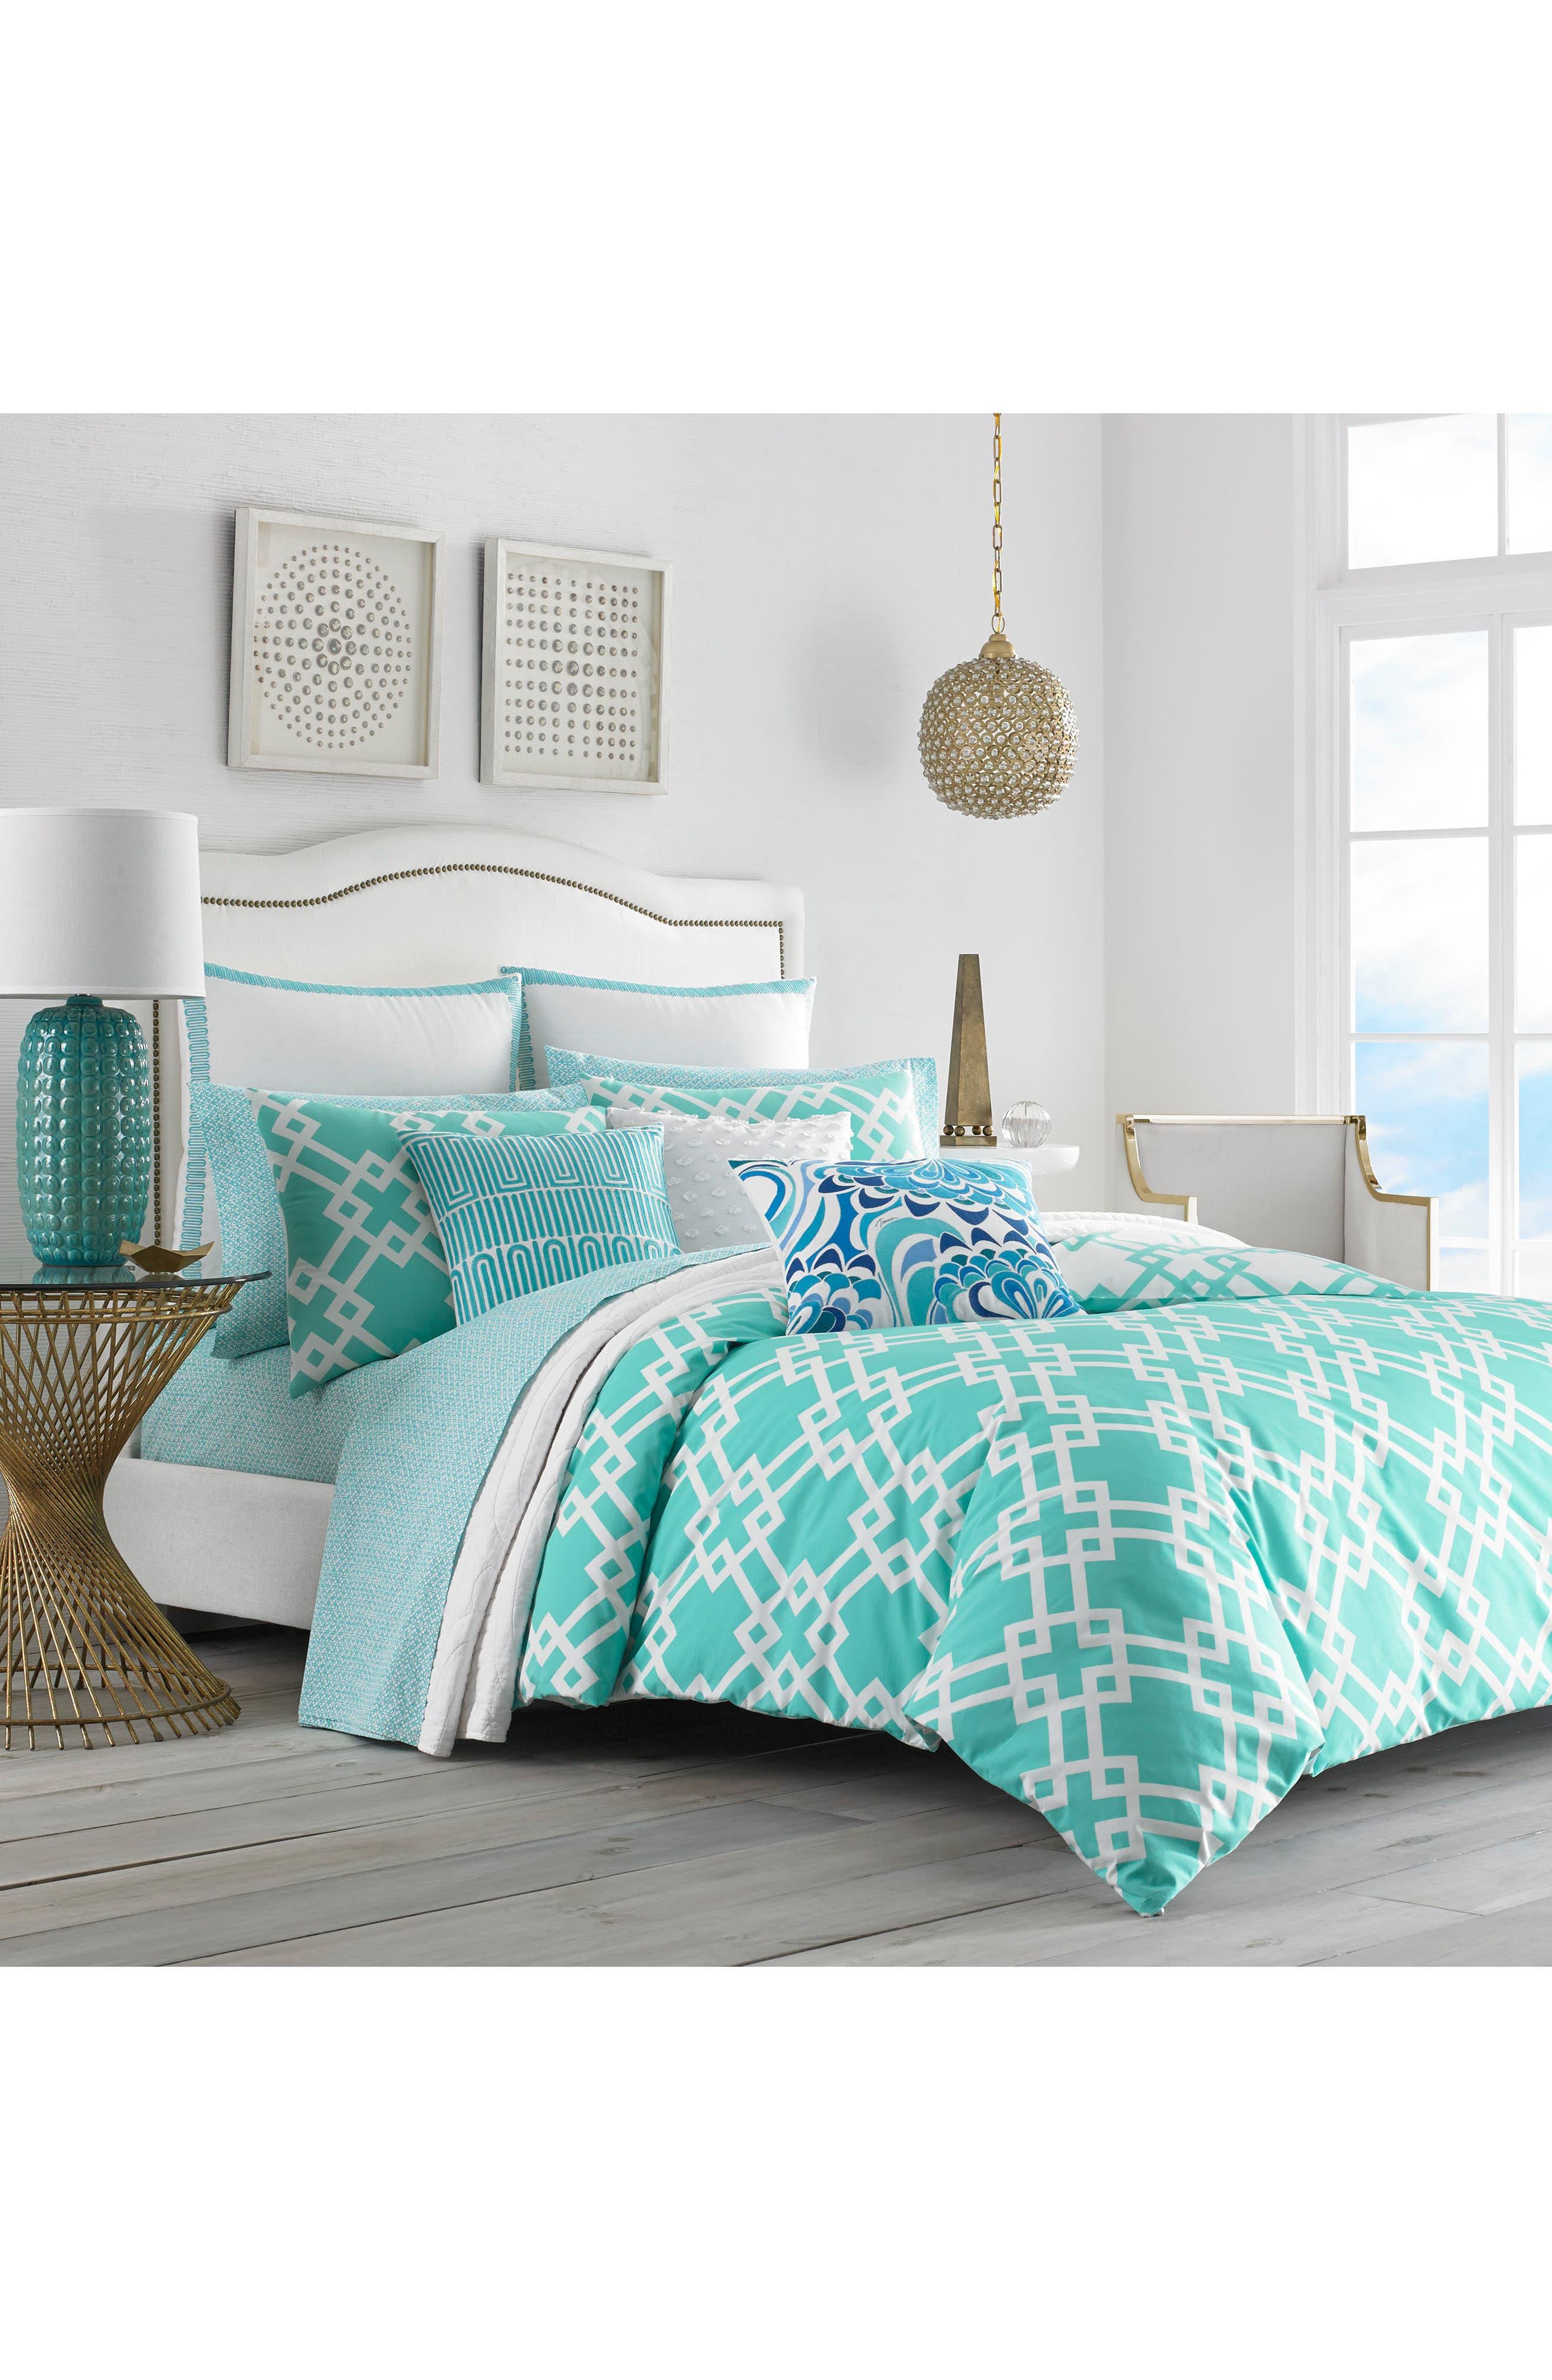 Avalon Comforter & Sham Set,                             Main thumbnail 1, color,                             Turquoise